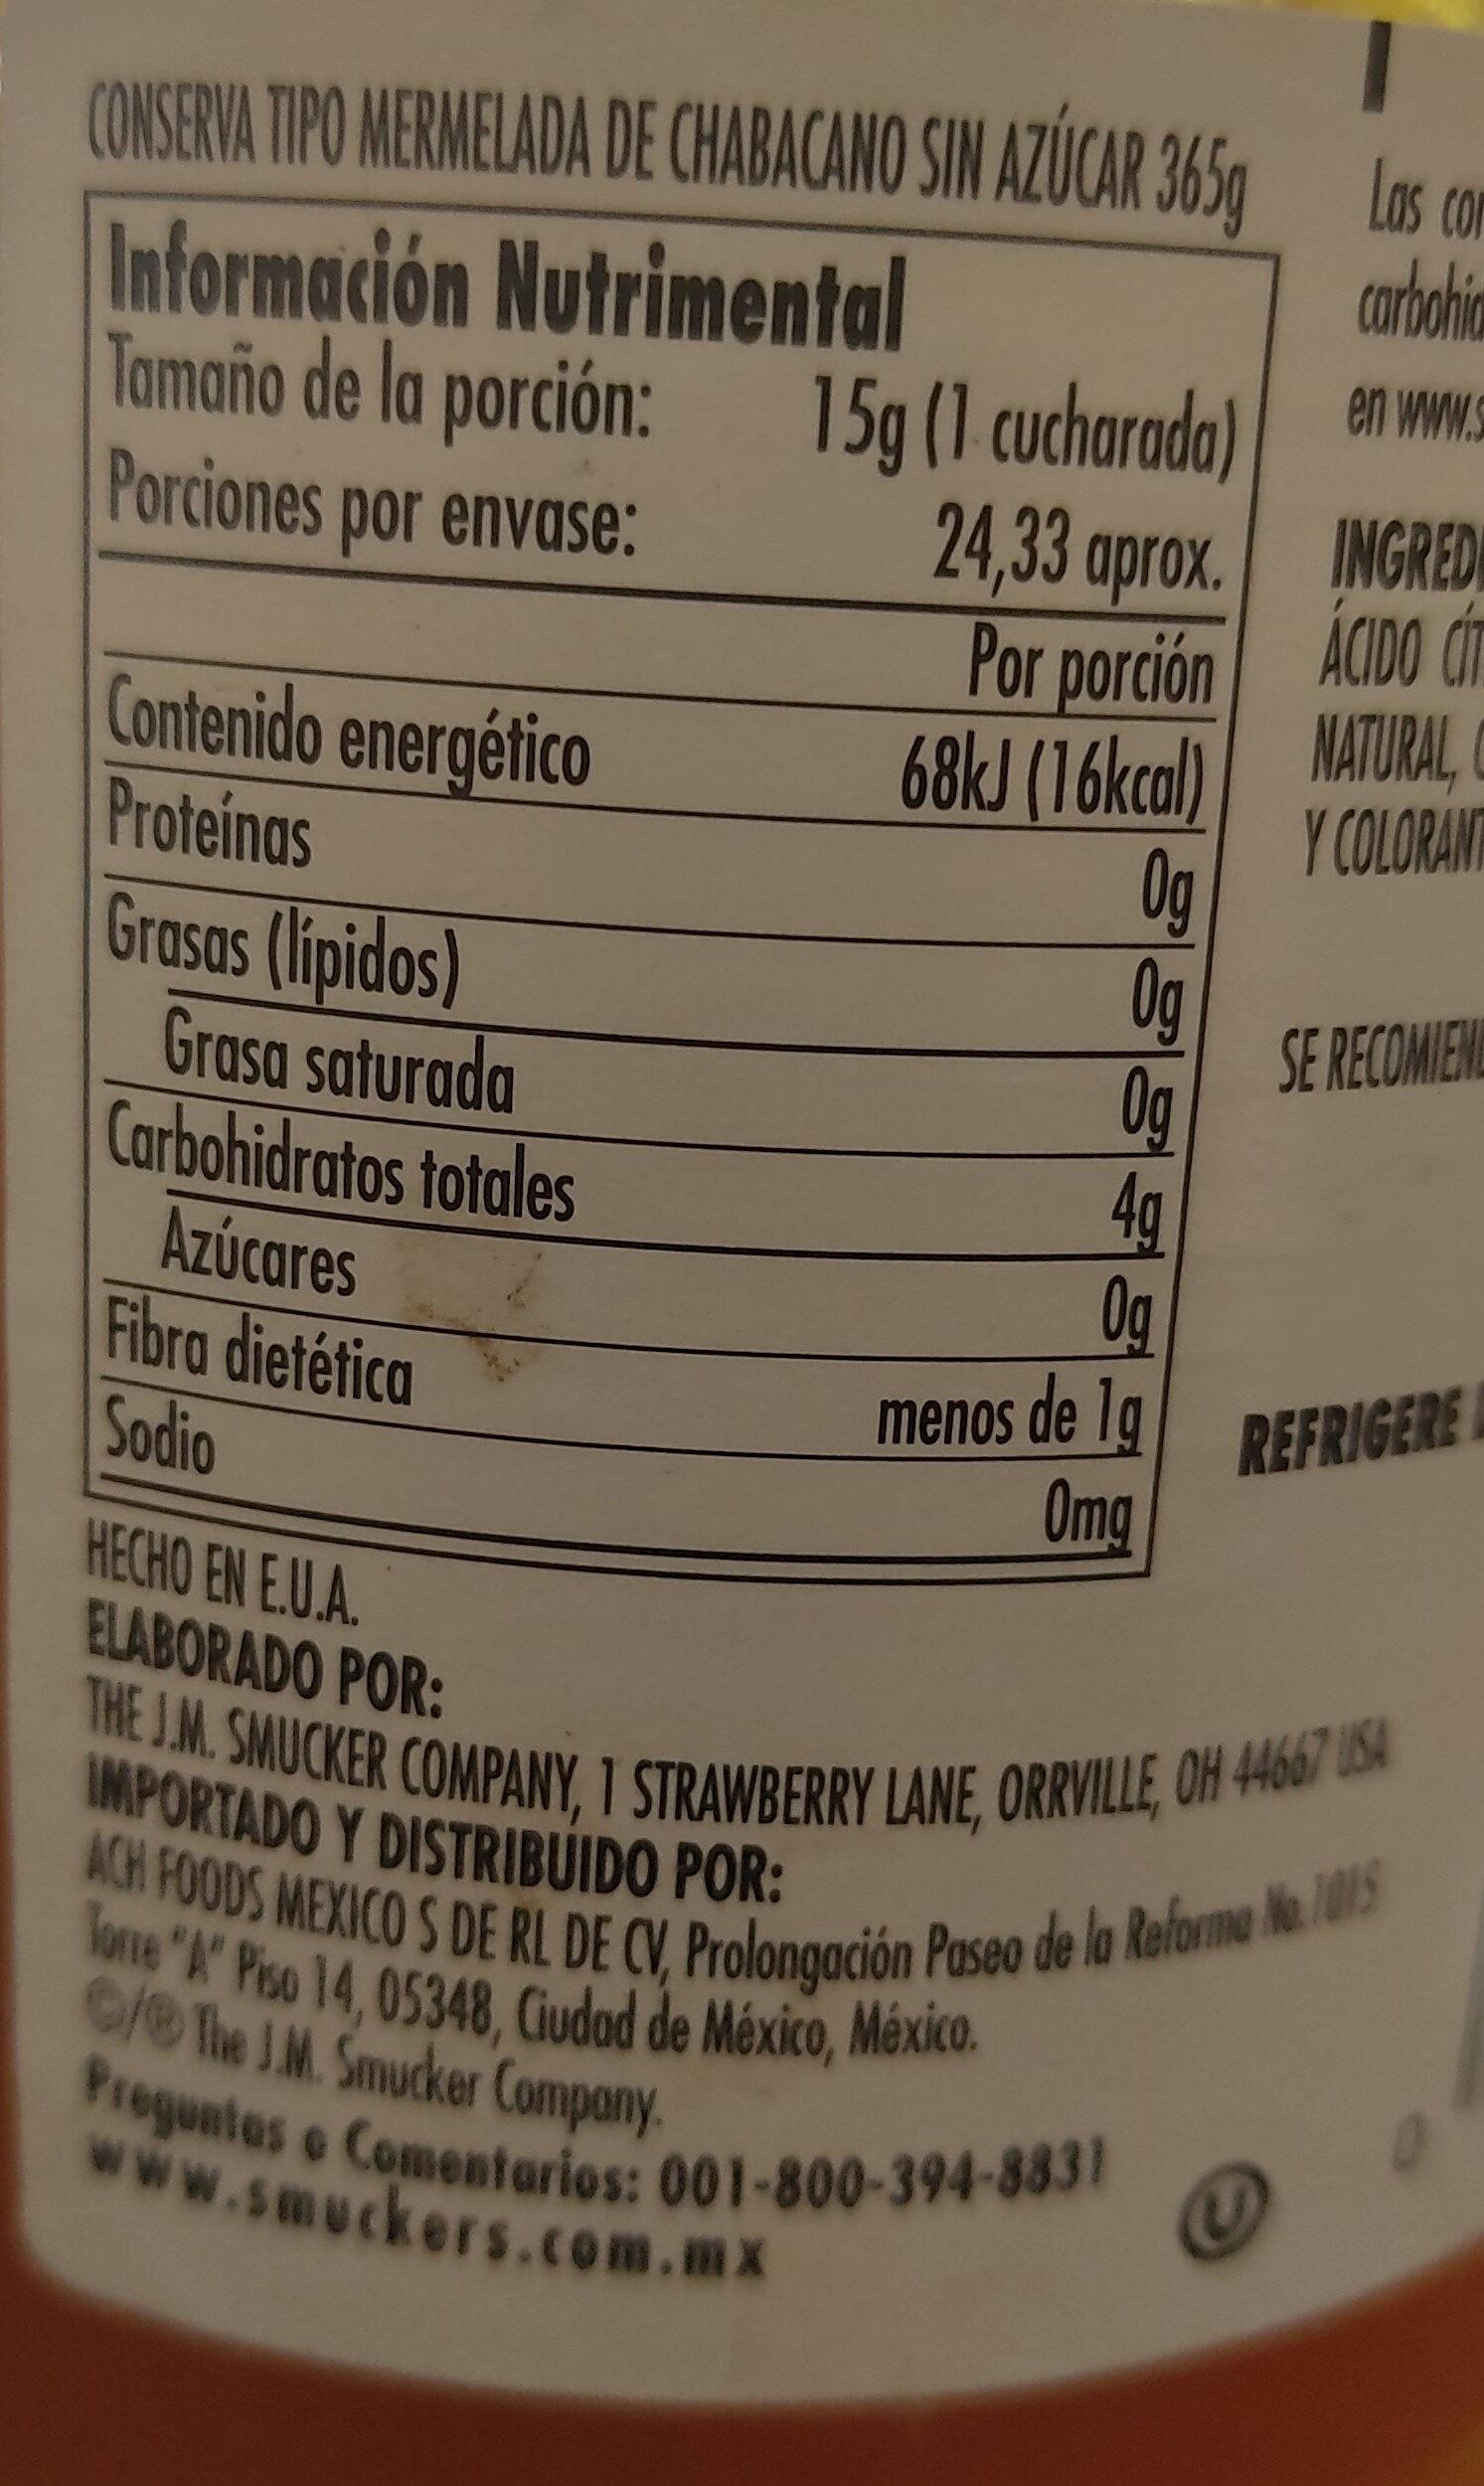 Mermelada de chabacano sin azúcar - Información nutricional - es